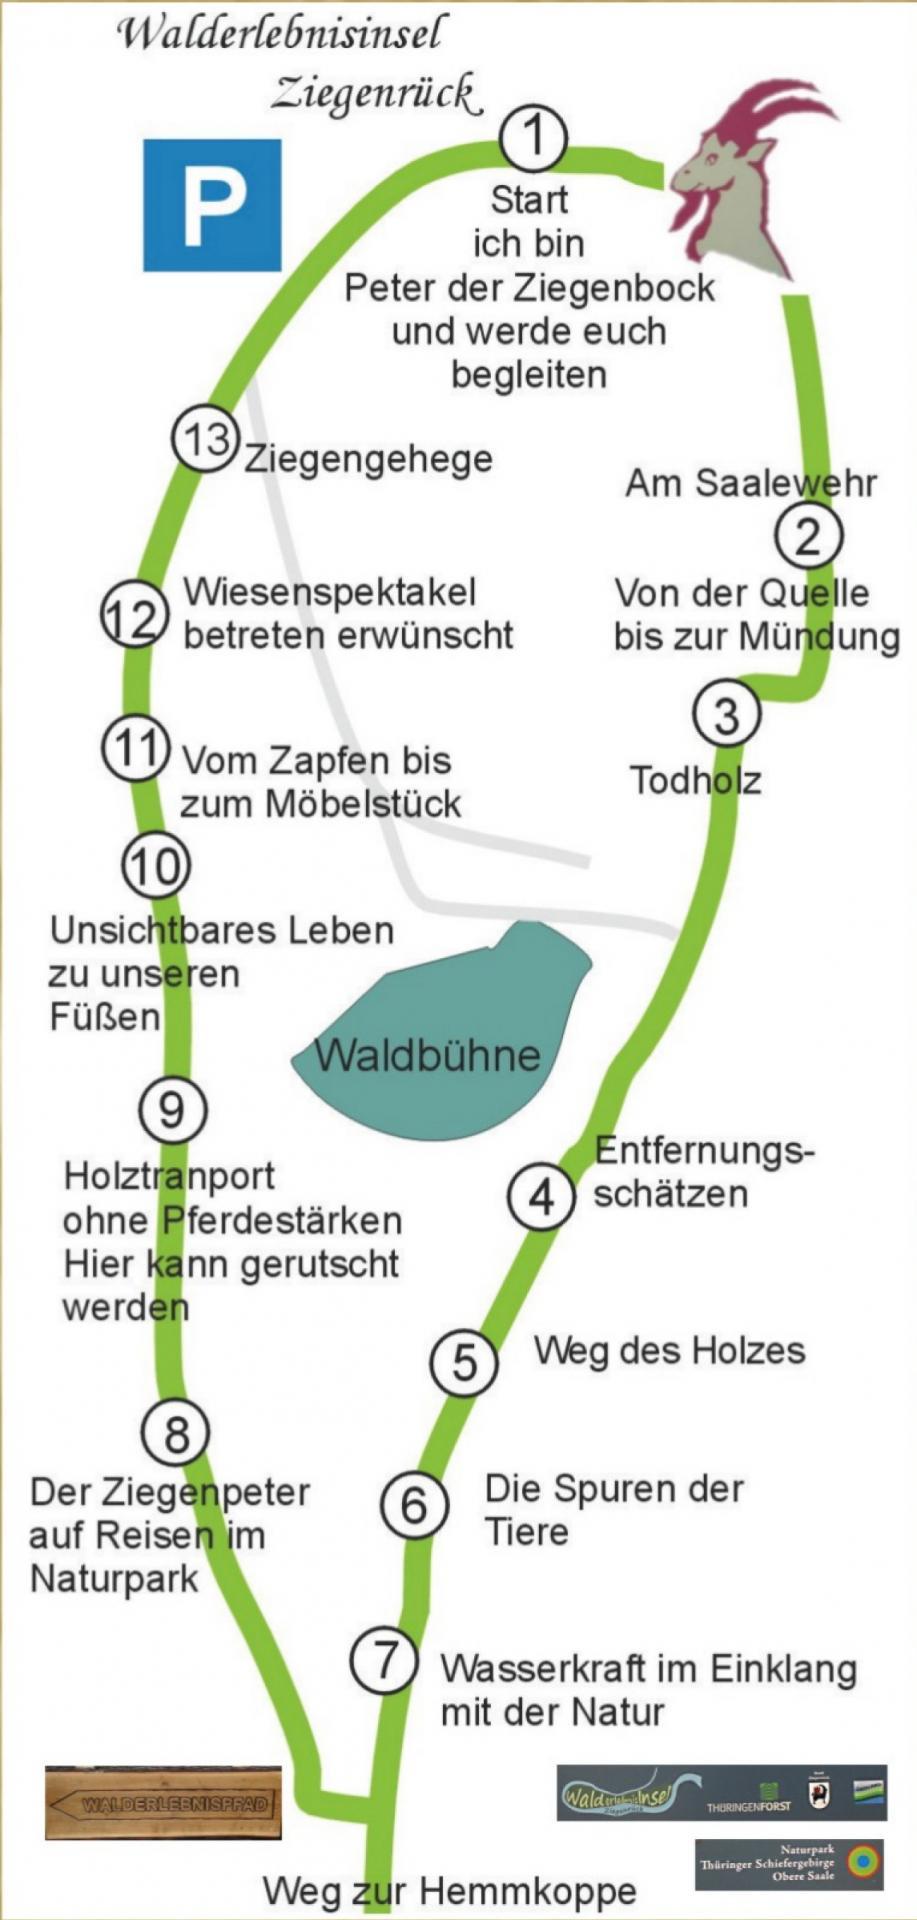 Walderlebnispfad_Karte